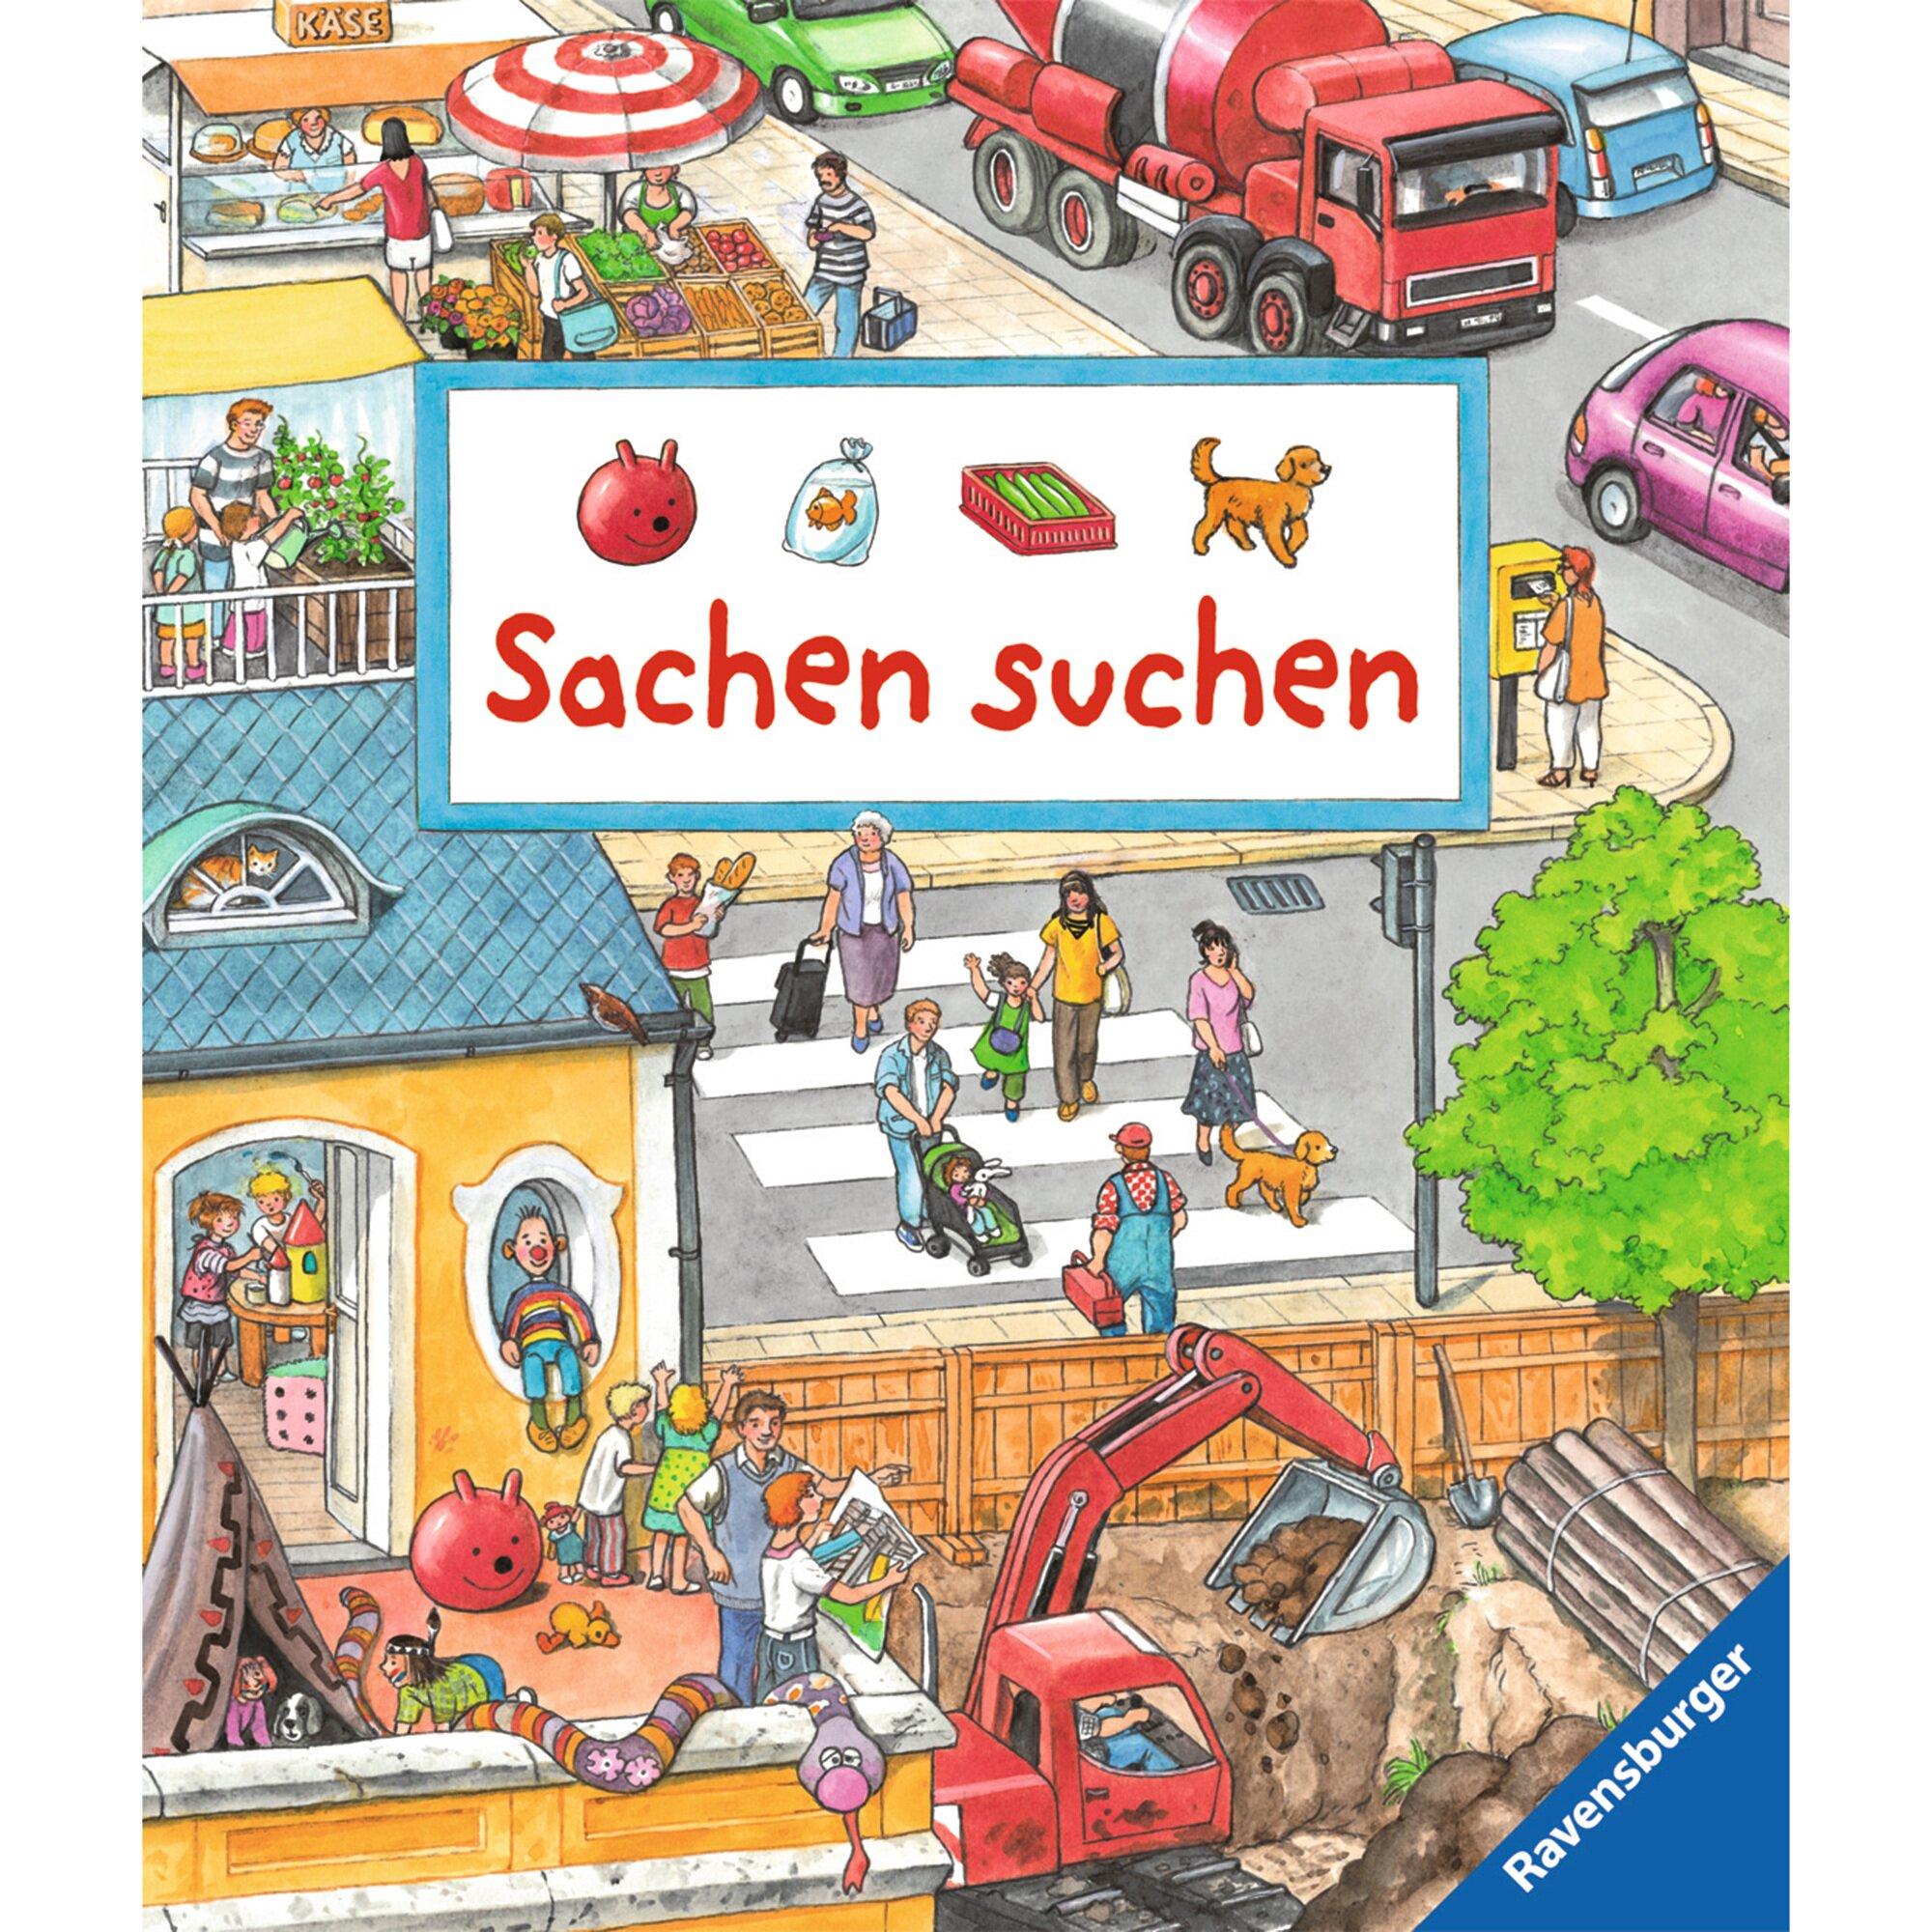 Ravensburger Sachbuch-Sachen suchen